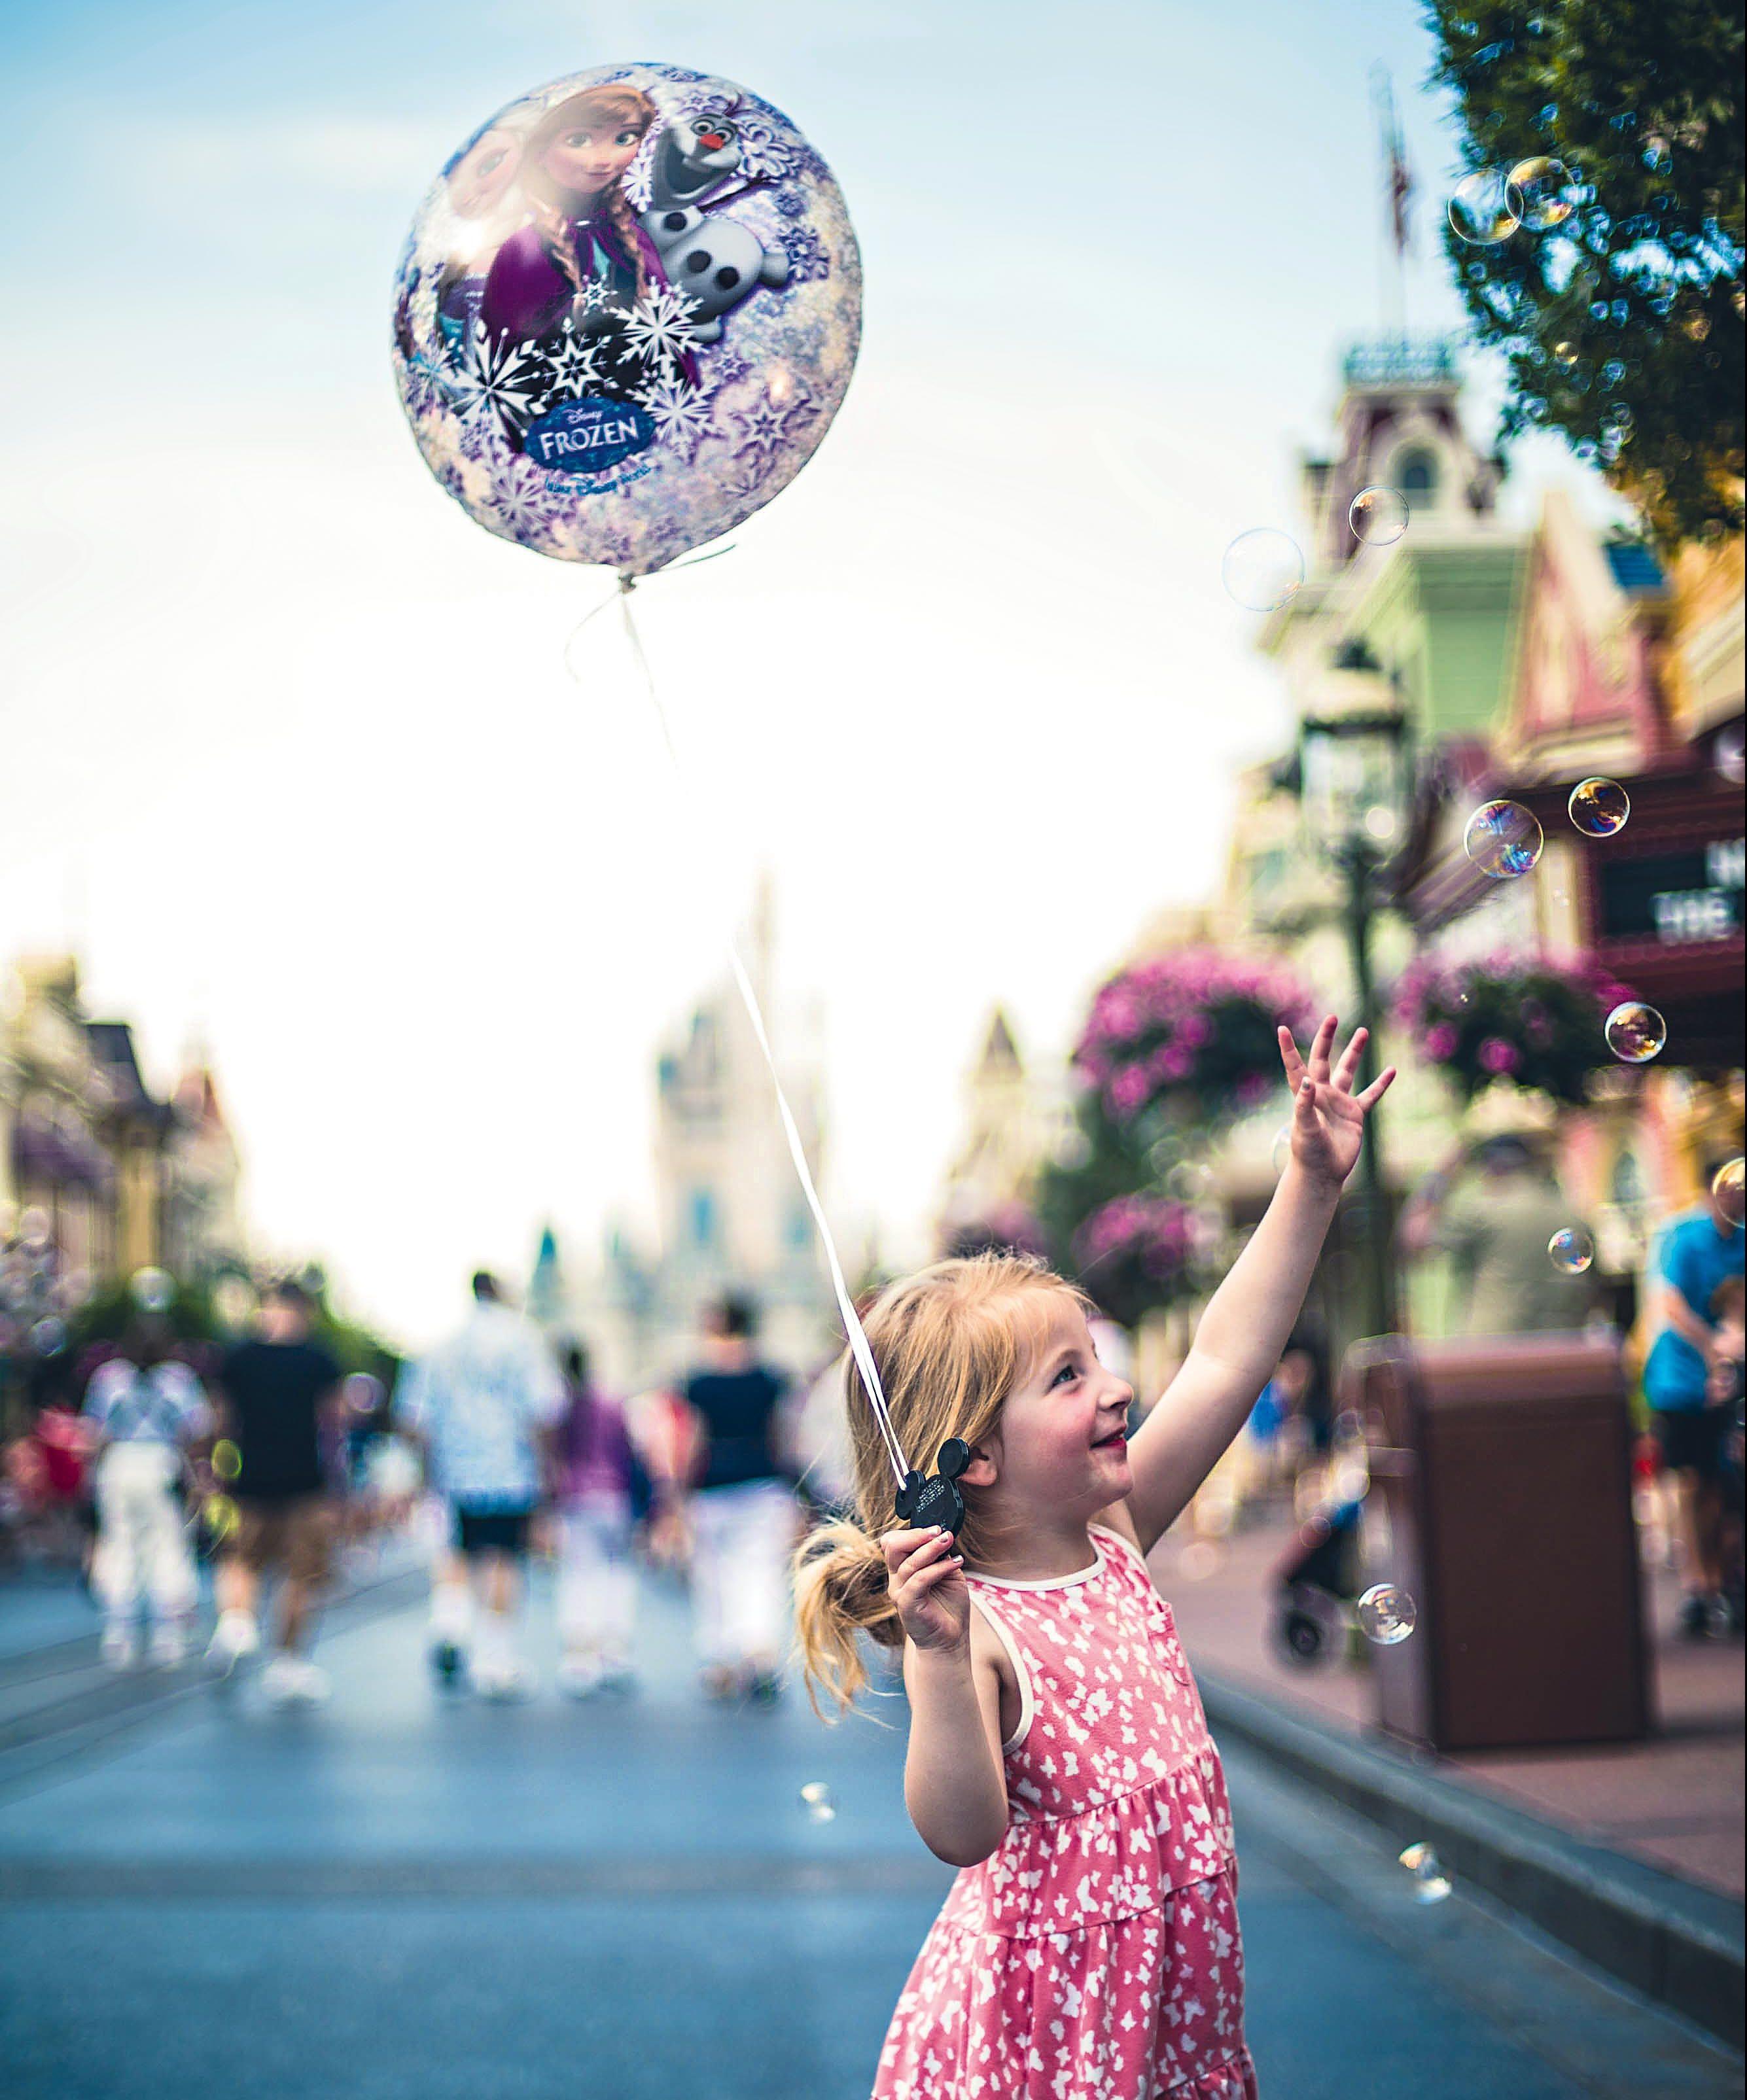 """Menina segura um balão com uma imagem do filme """"Frozen"""", enquanto tenta agarrar bolhas de sabão"""